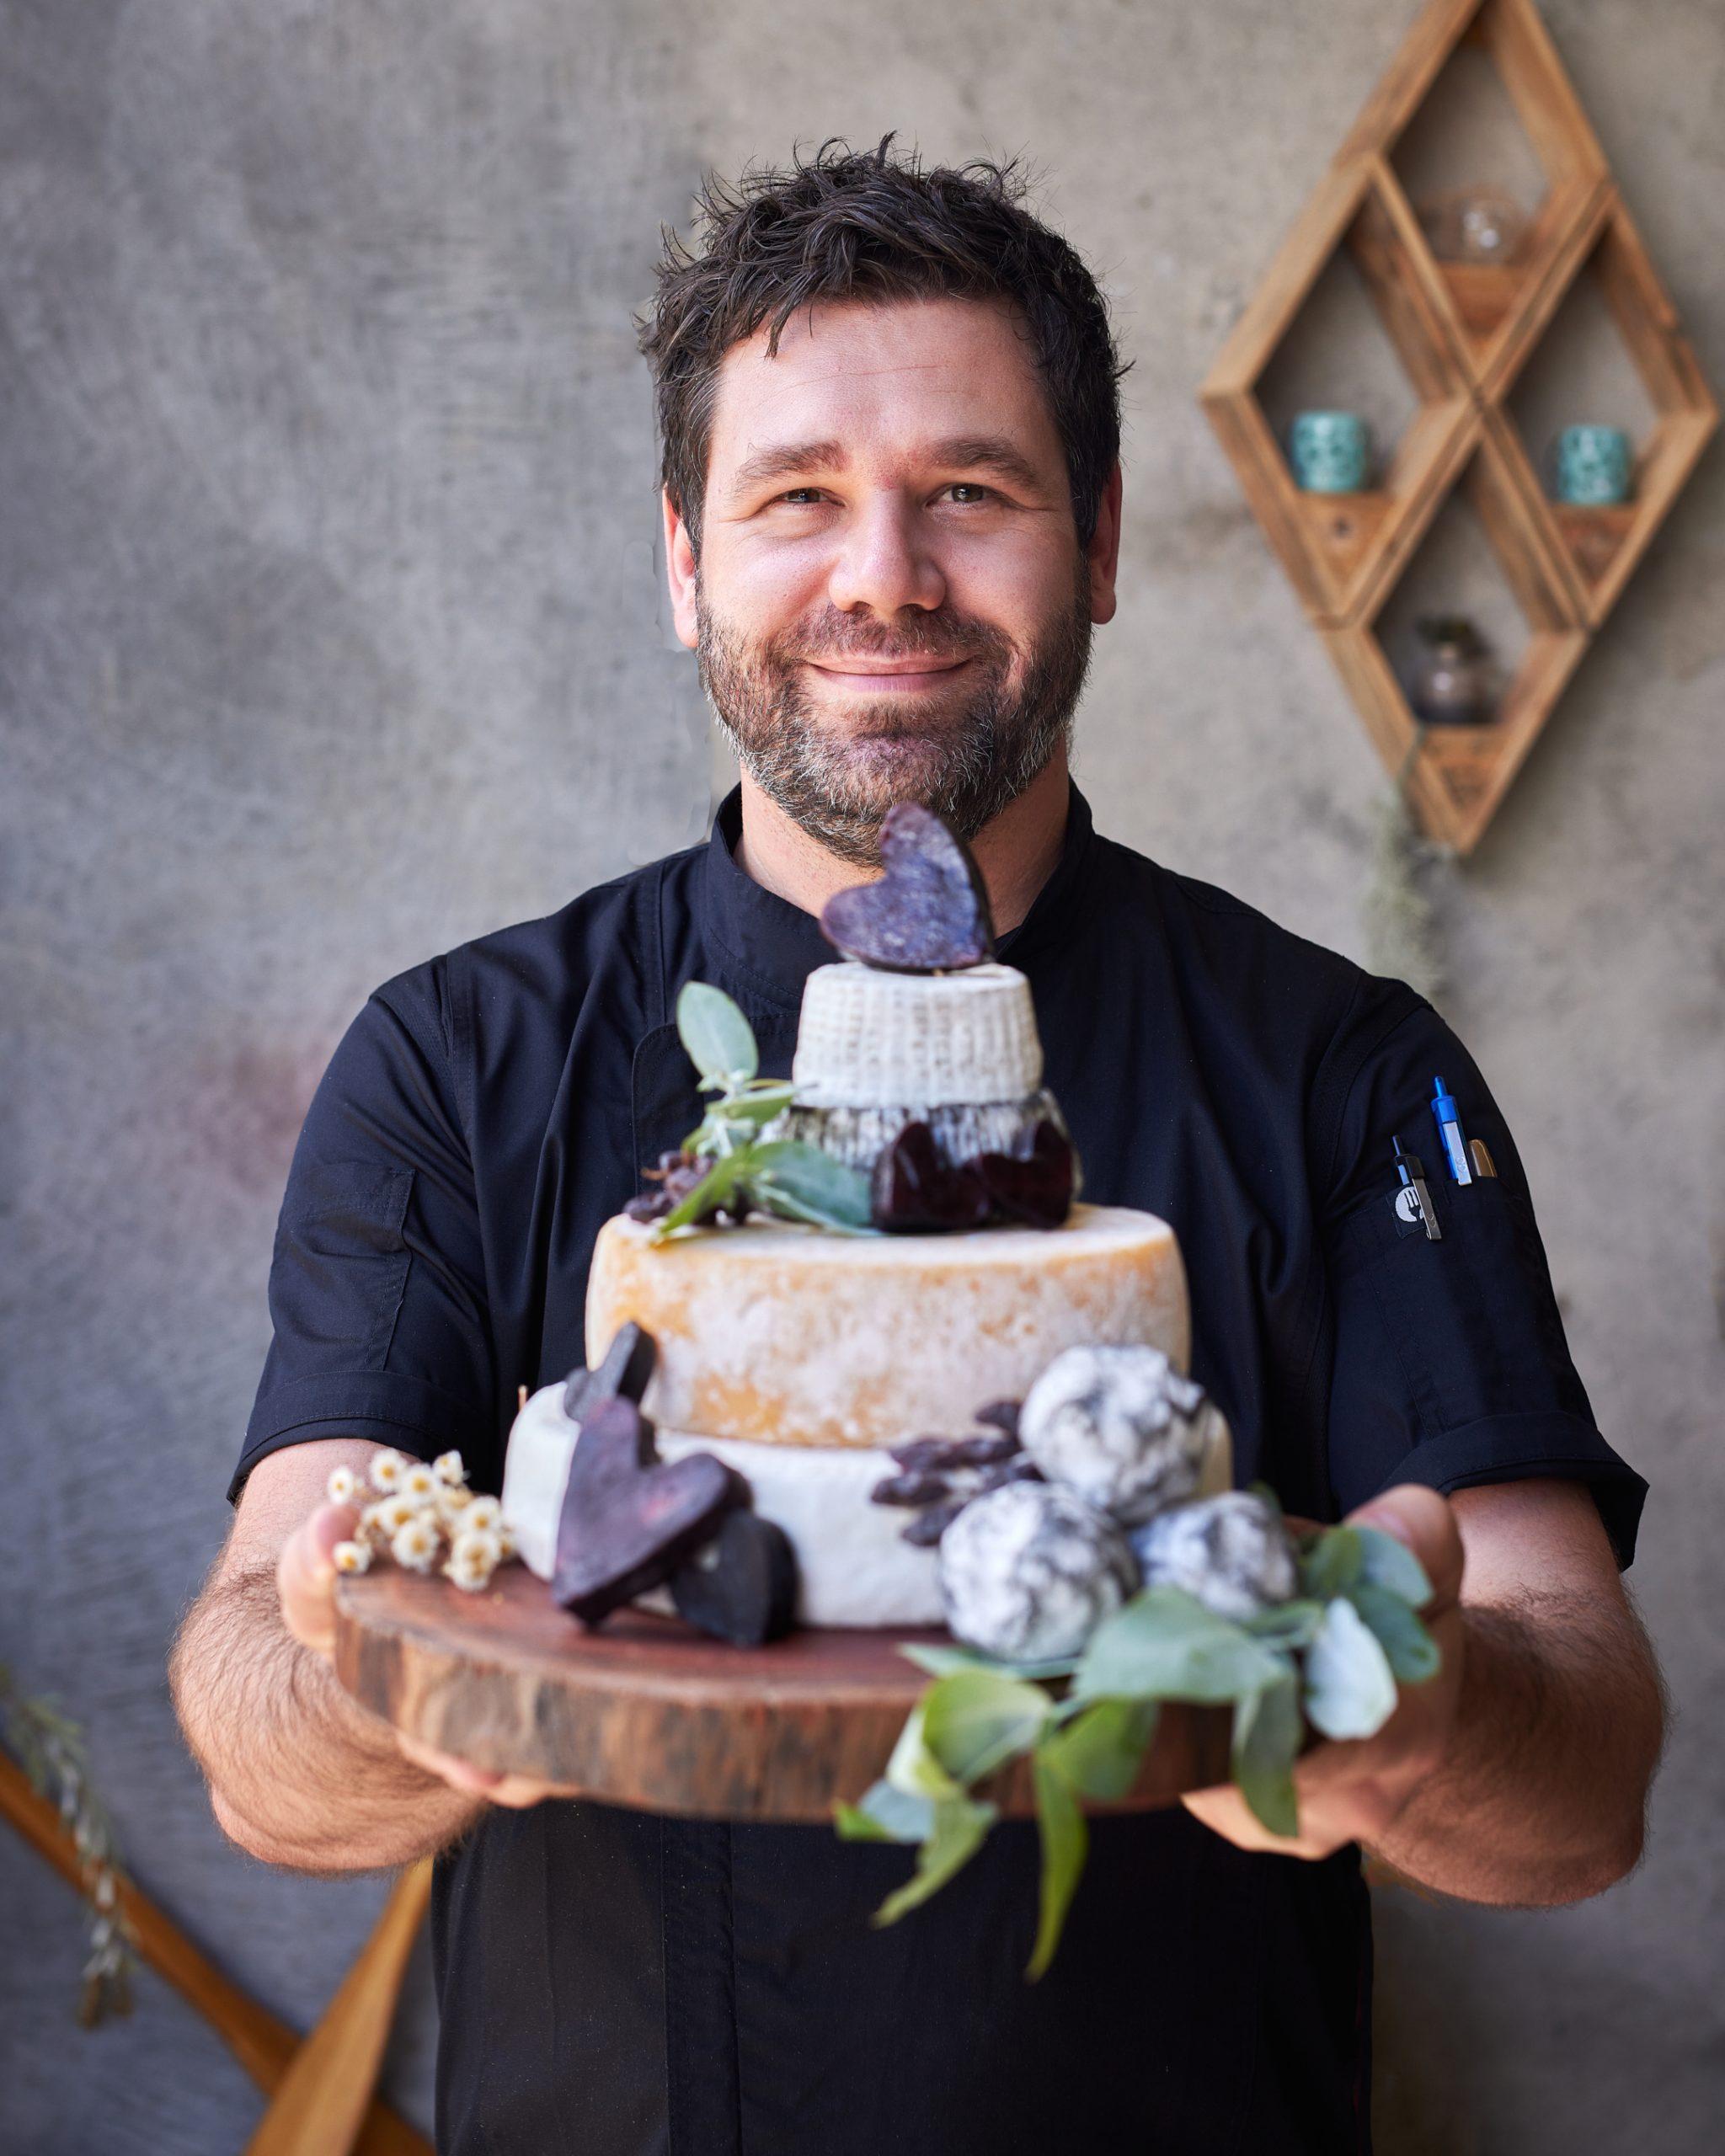 Shaun Landman - Cheesemaker at BoatShed Cheese